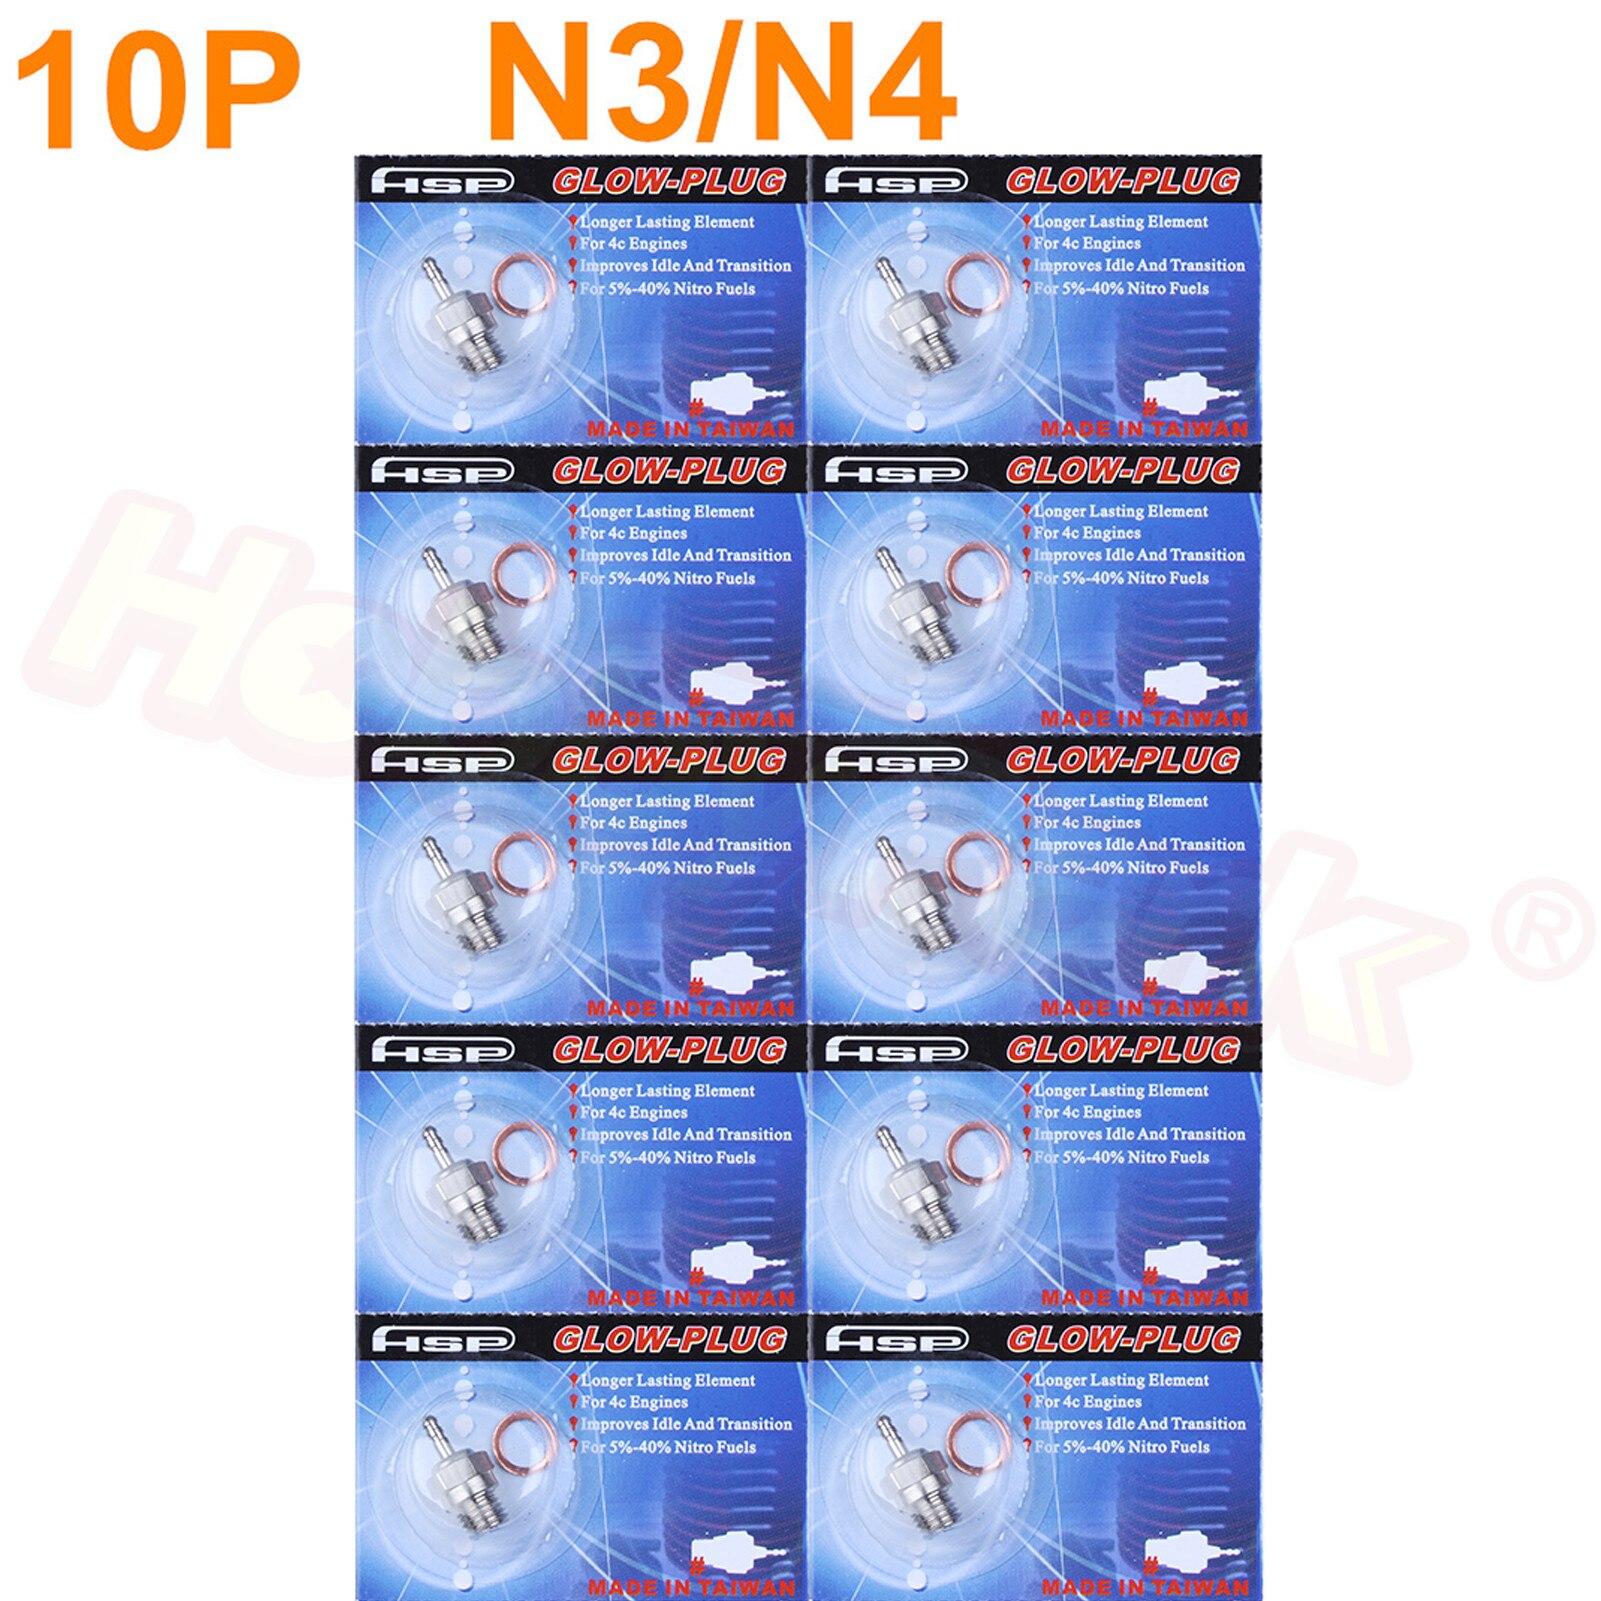 10 pçs quente/médio glow plug velas de ignição n3 3 # n4 #4 para nitro rc carros peças motor 1/8 1/10 caminhão traxxas hpi himoto hsp 70117